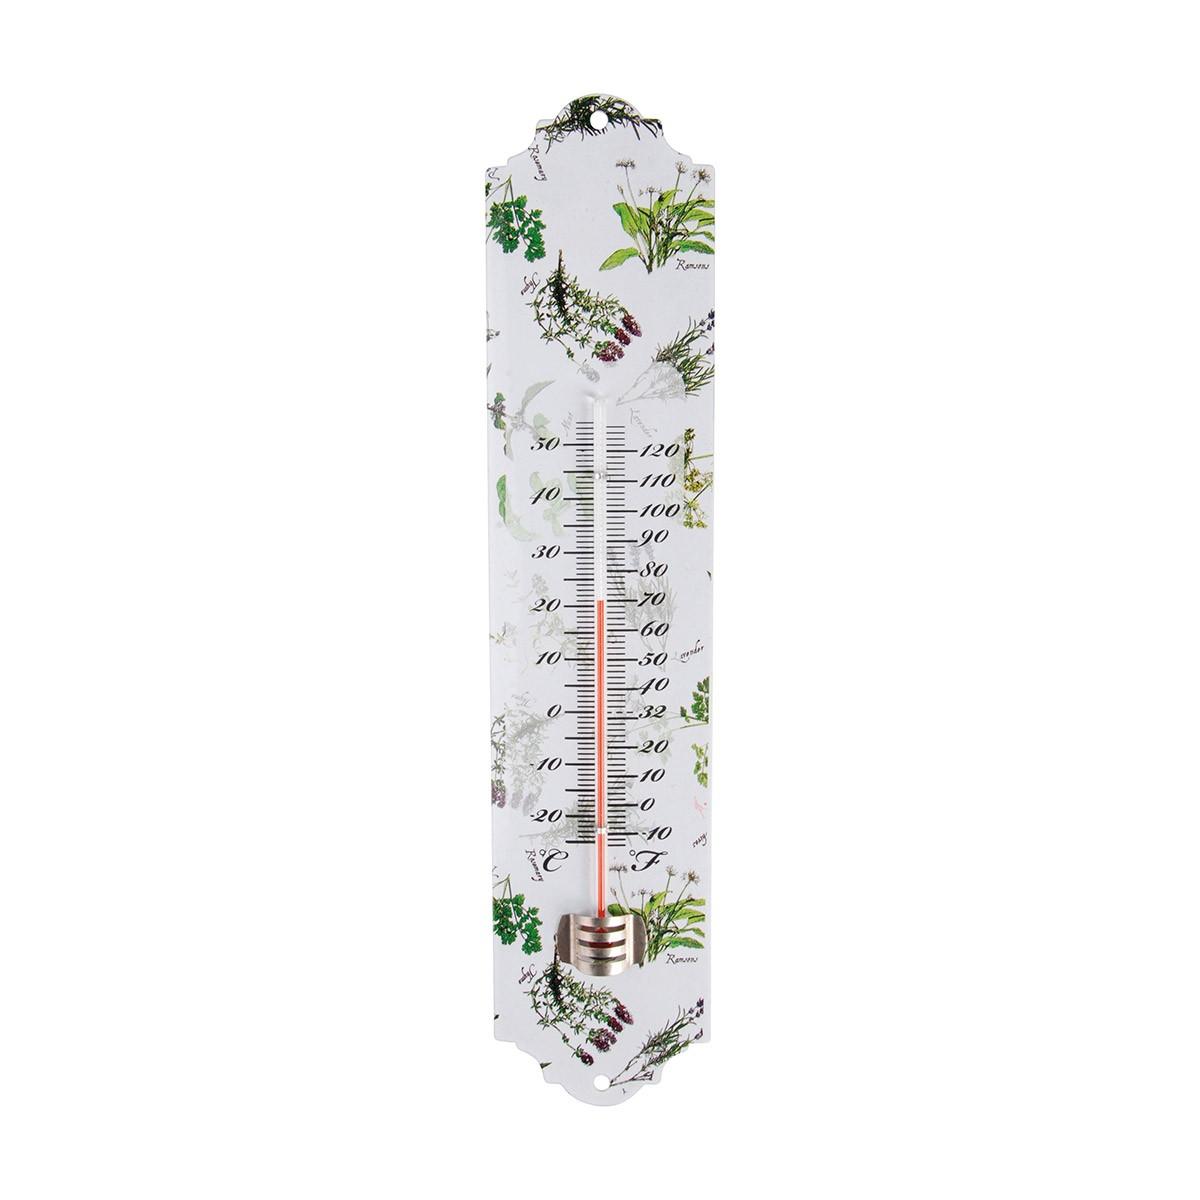 Thermomètre Intérieur/extérieur - esschert